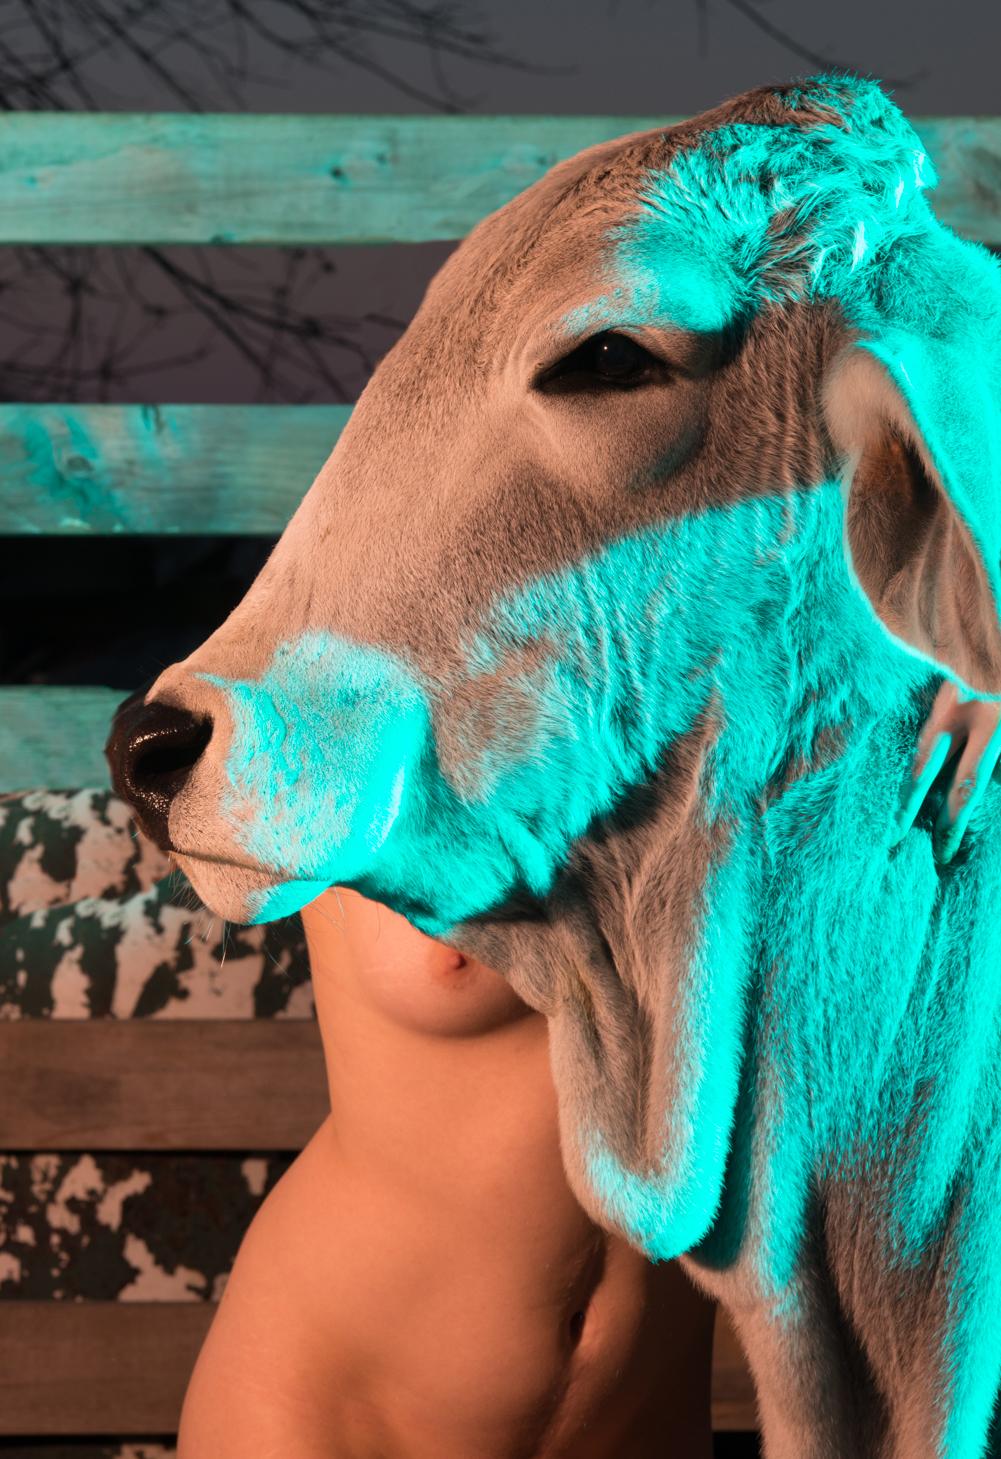 Provokatív: összehasonlította egy tehén és egy nő testét